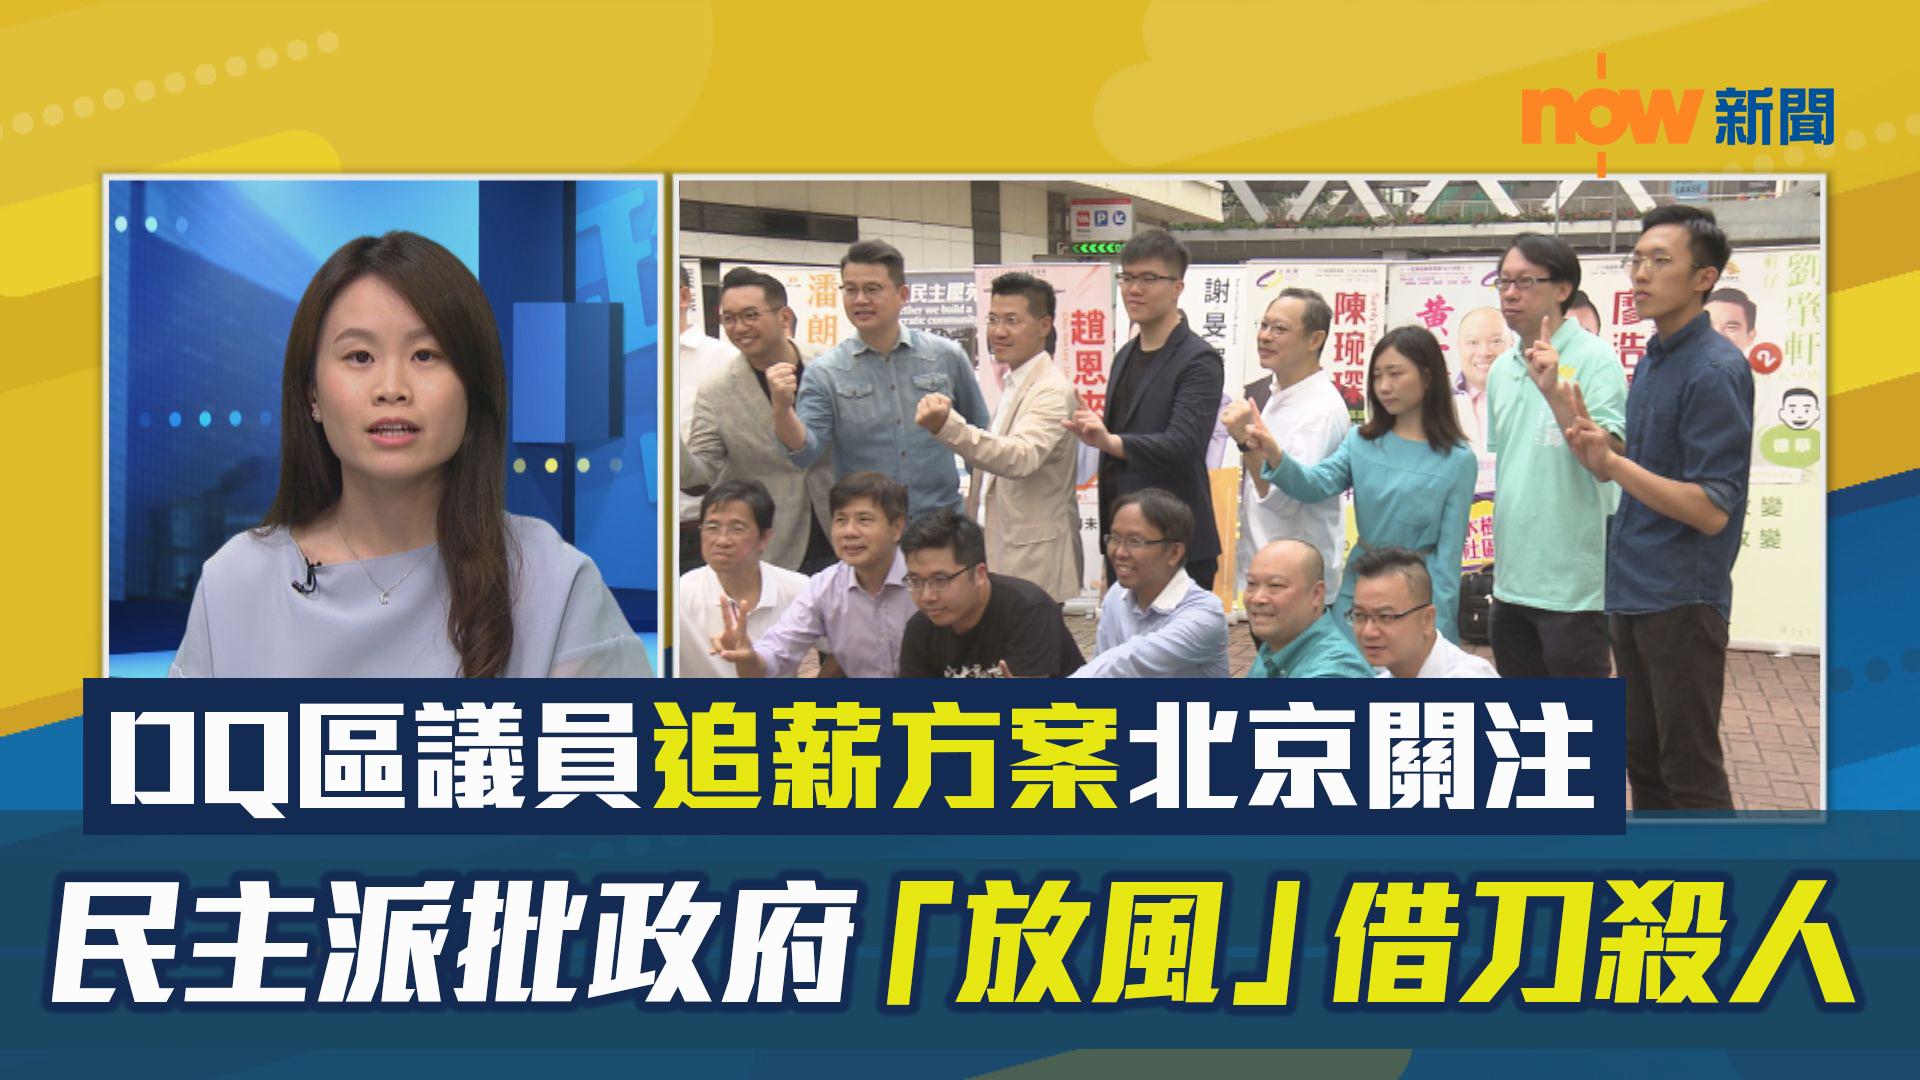 【政情】DQ區議員追薪方案北京關注    民主派批政府「放風」借刀殺人